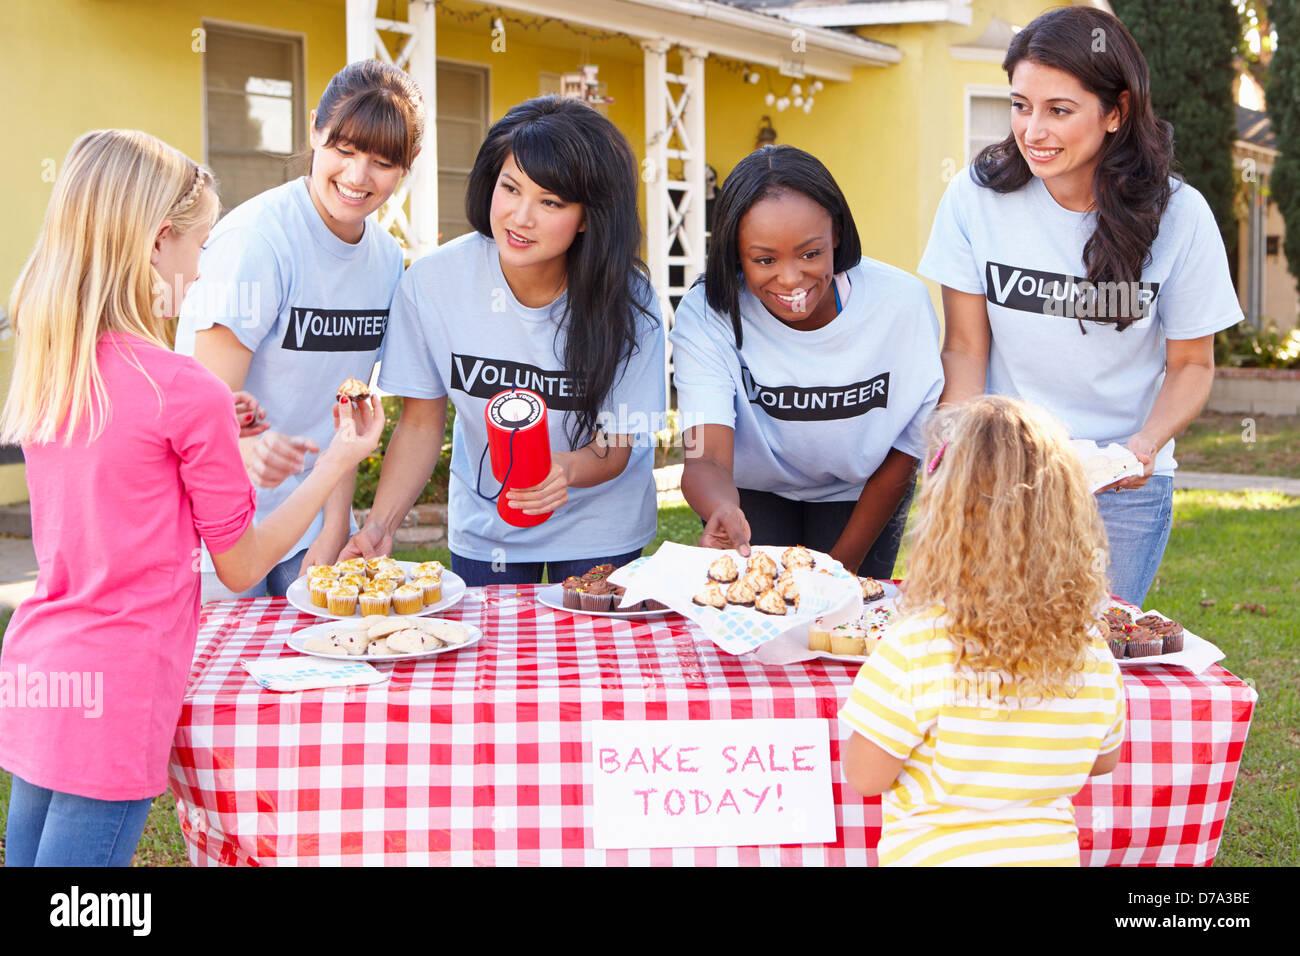 Le donne e i bambini in esecuzione la carità cuocere la vendita Immagini Stock